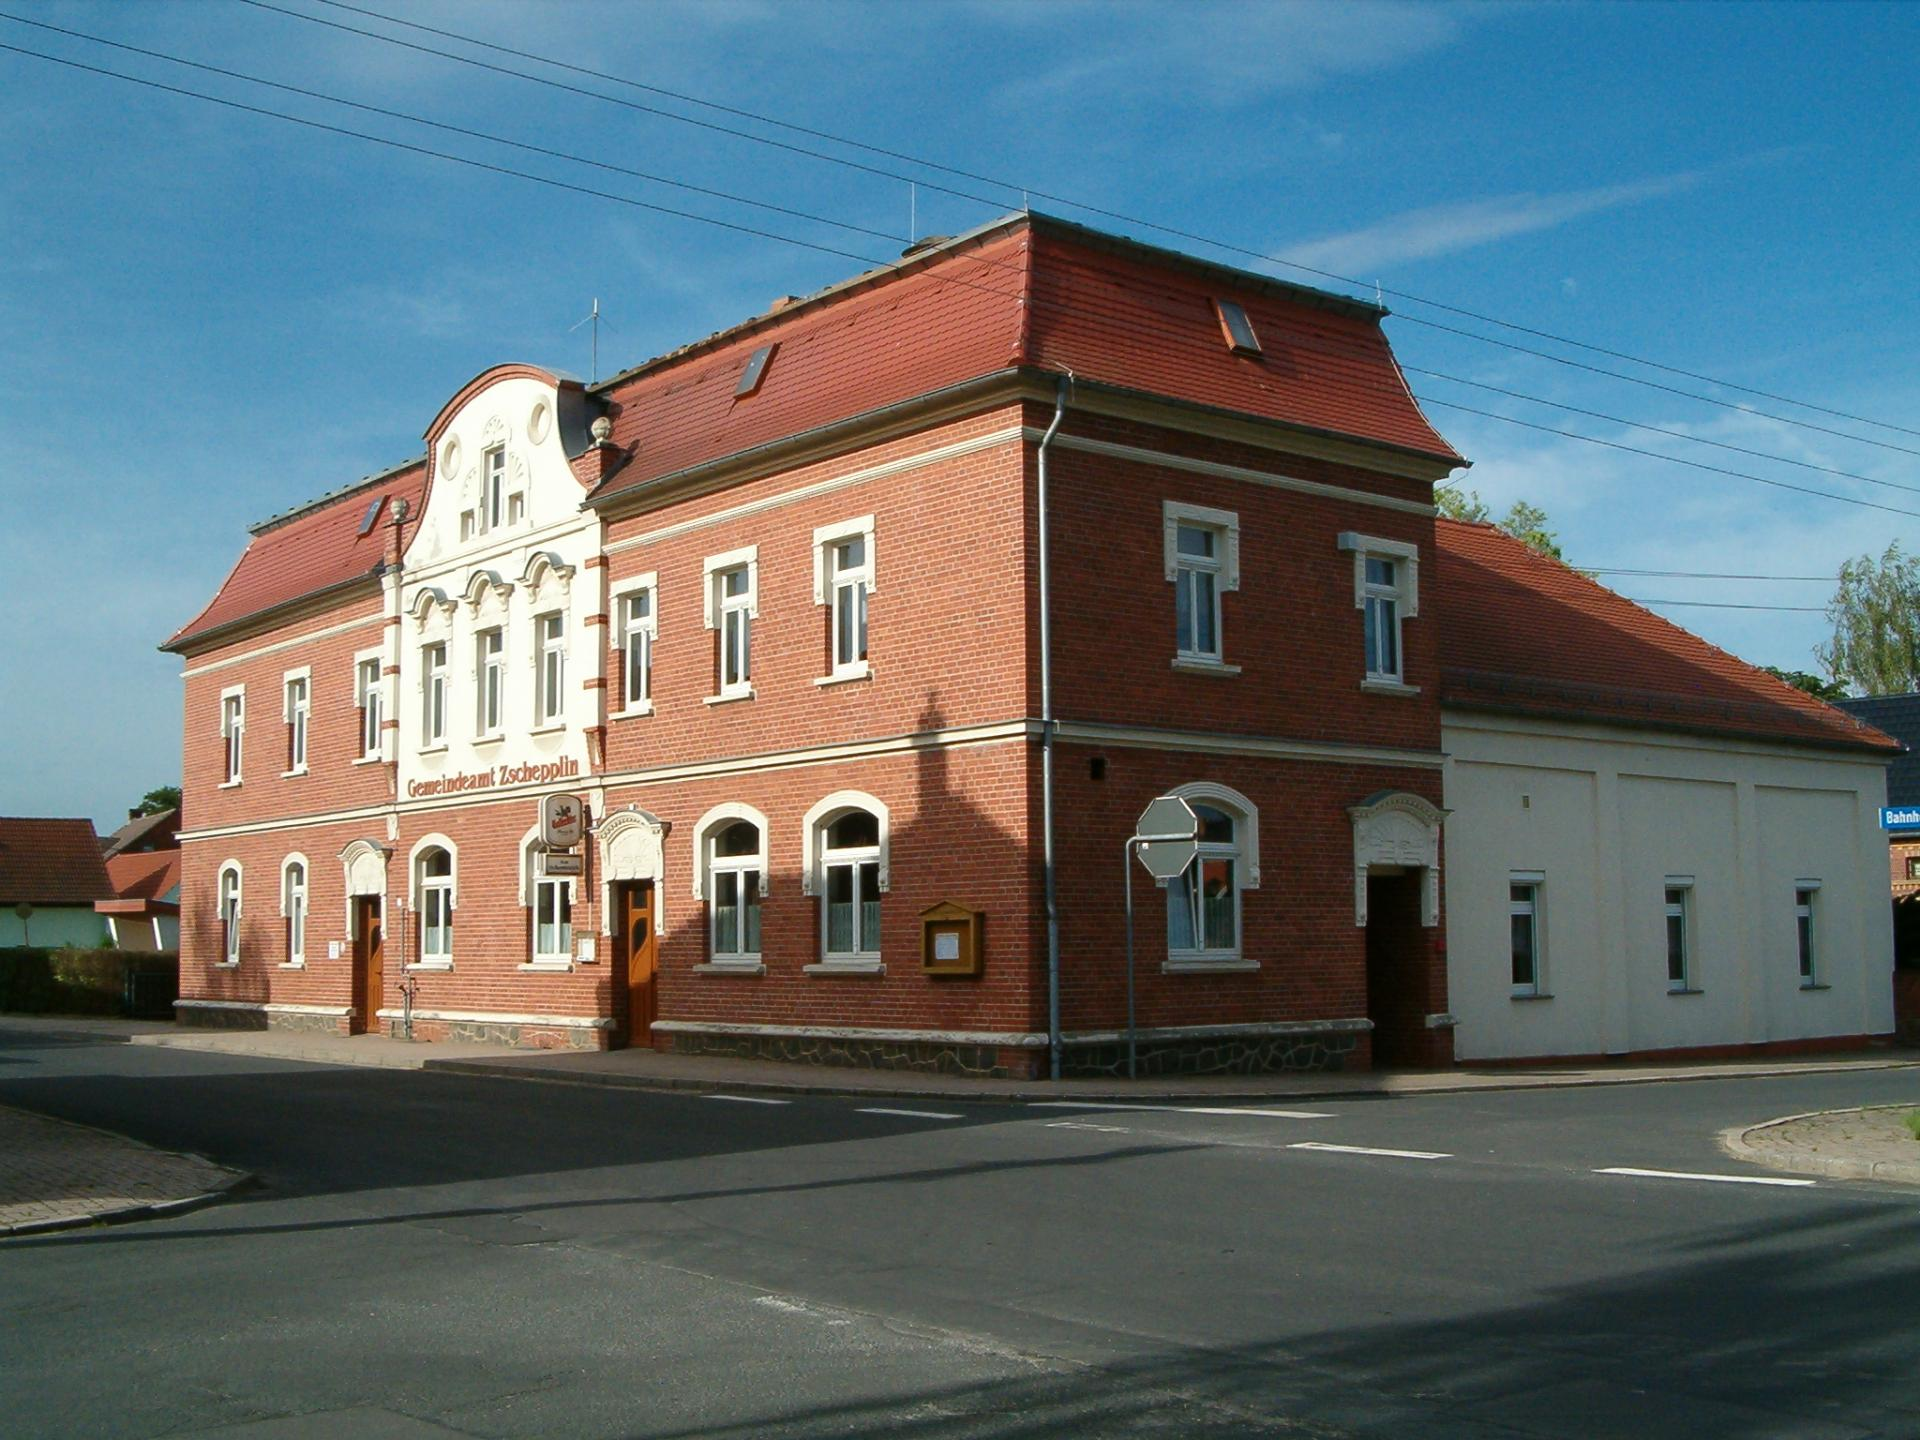 Gemeindeamt Zschepplin